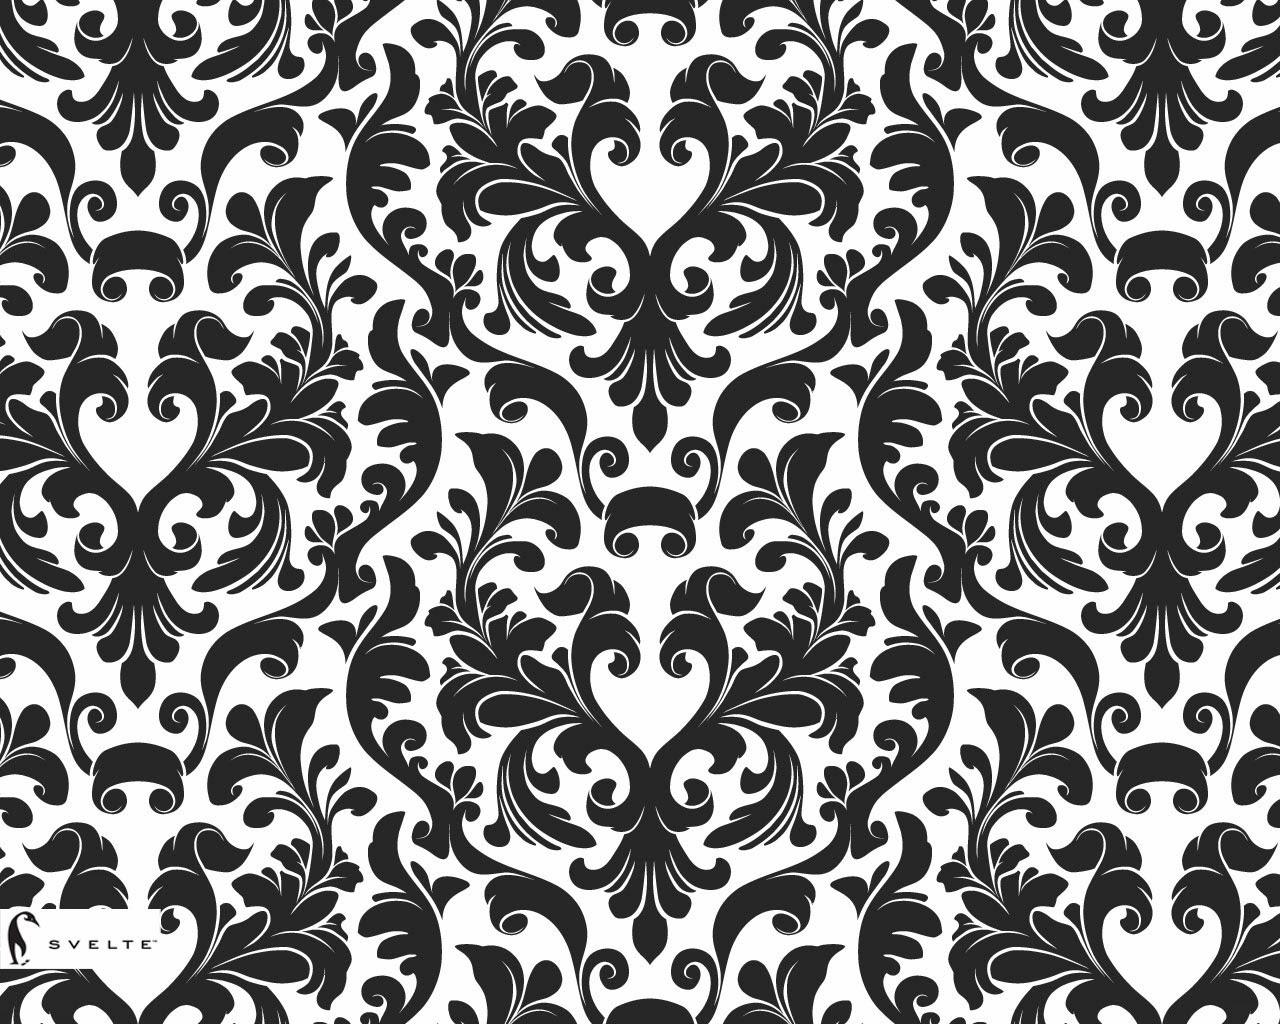 46 Black And White Wallpaper Patterns On Wallpapersafari